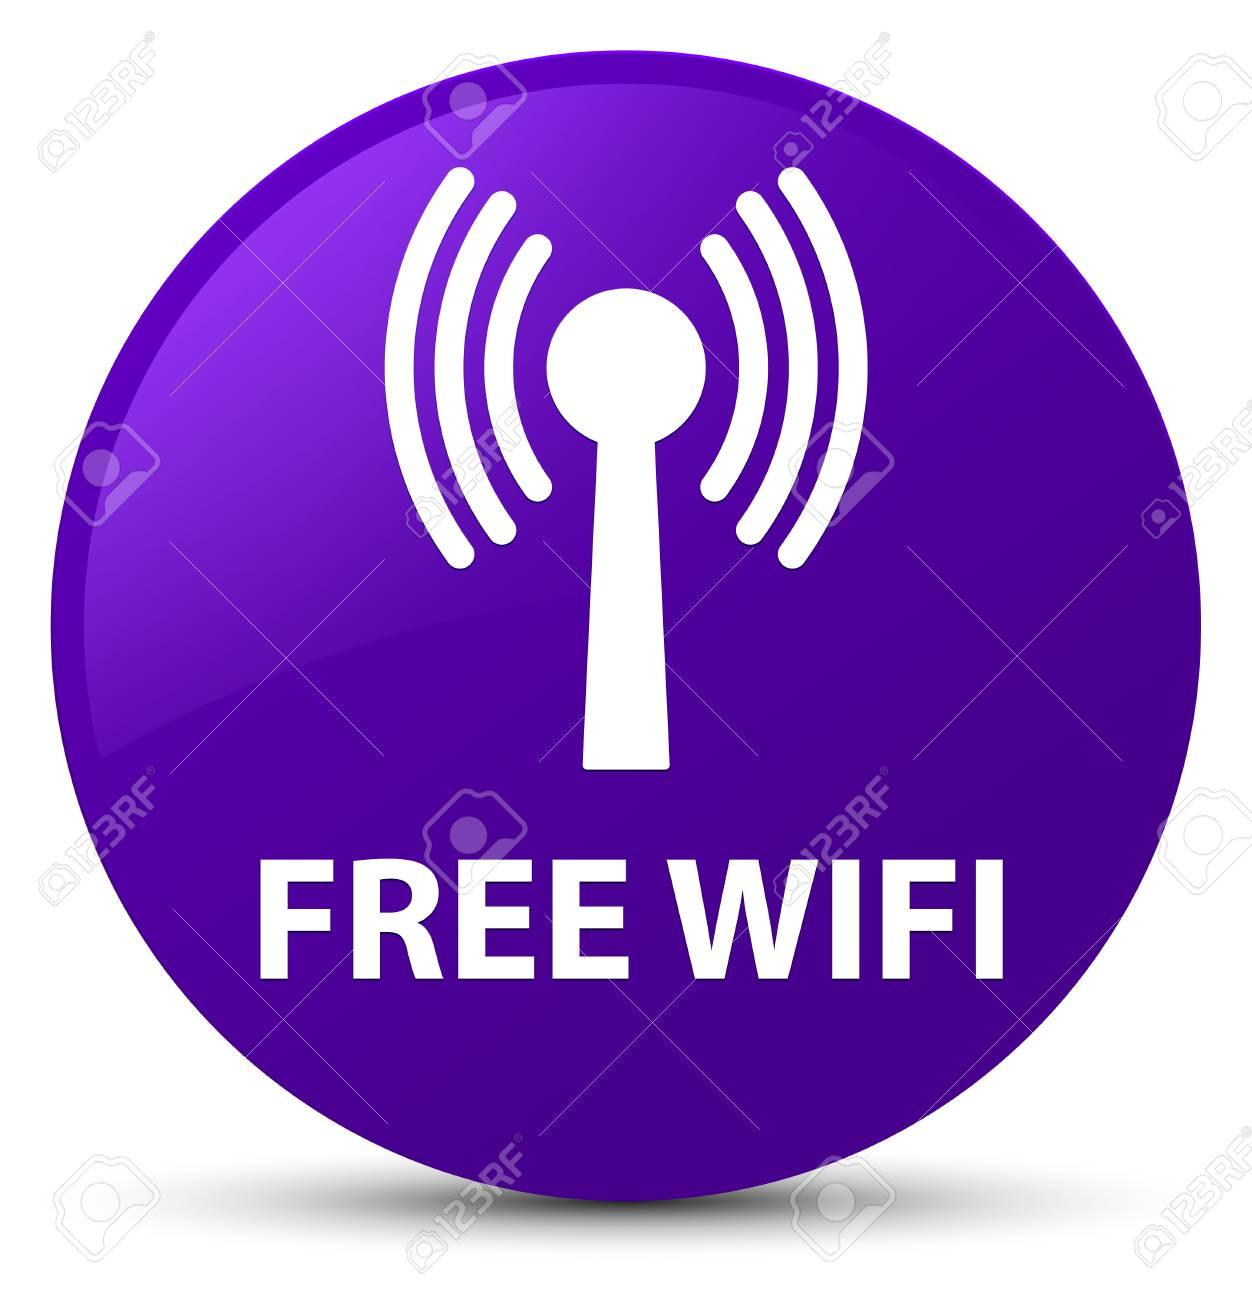 無料 Wifi 無線 Lan ネットワーク 紫色の円形ボタンの抽象的な